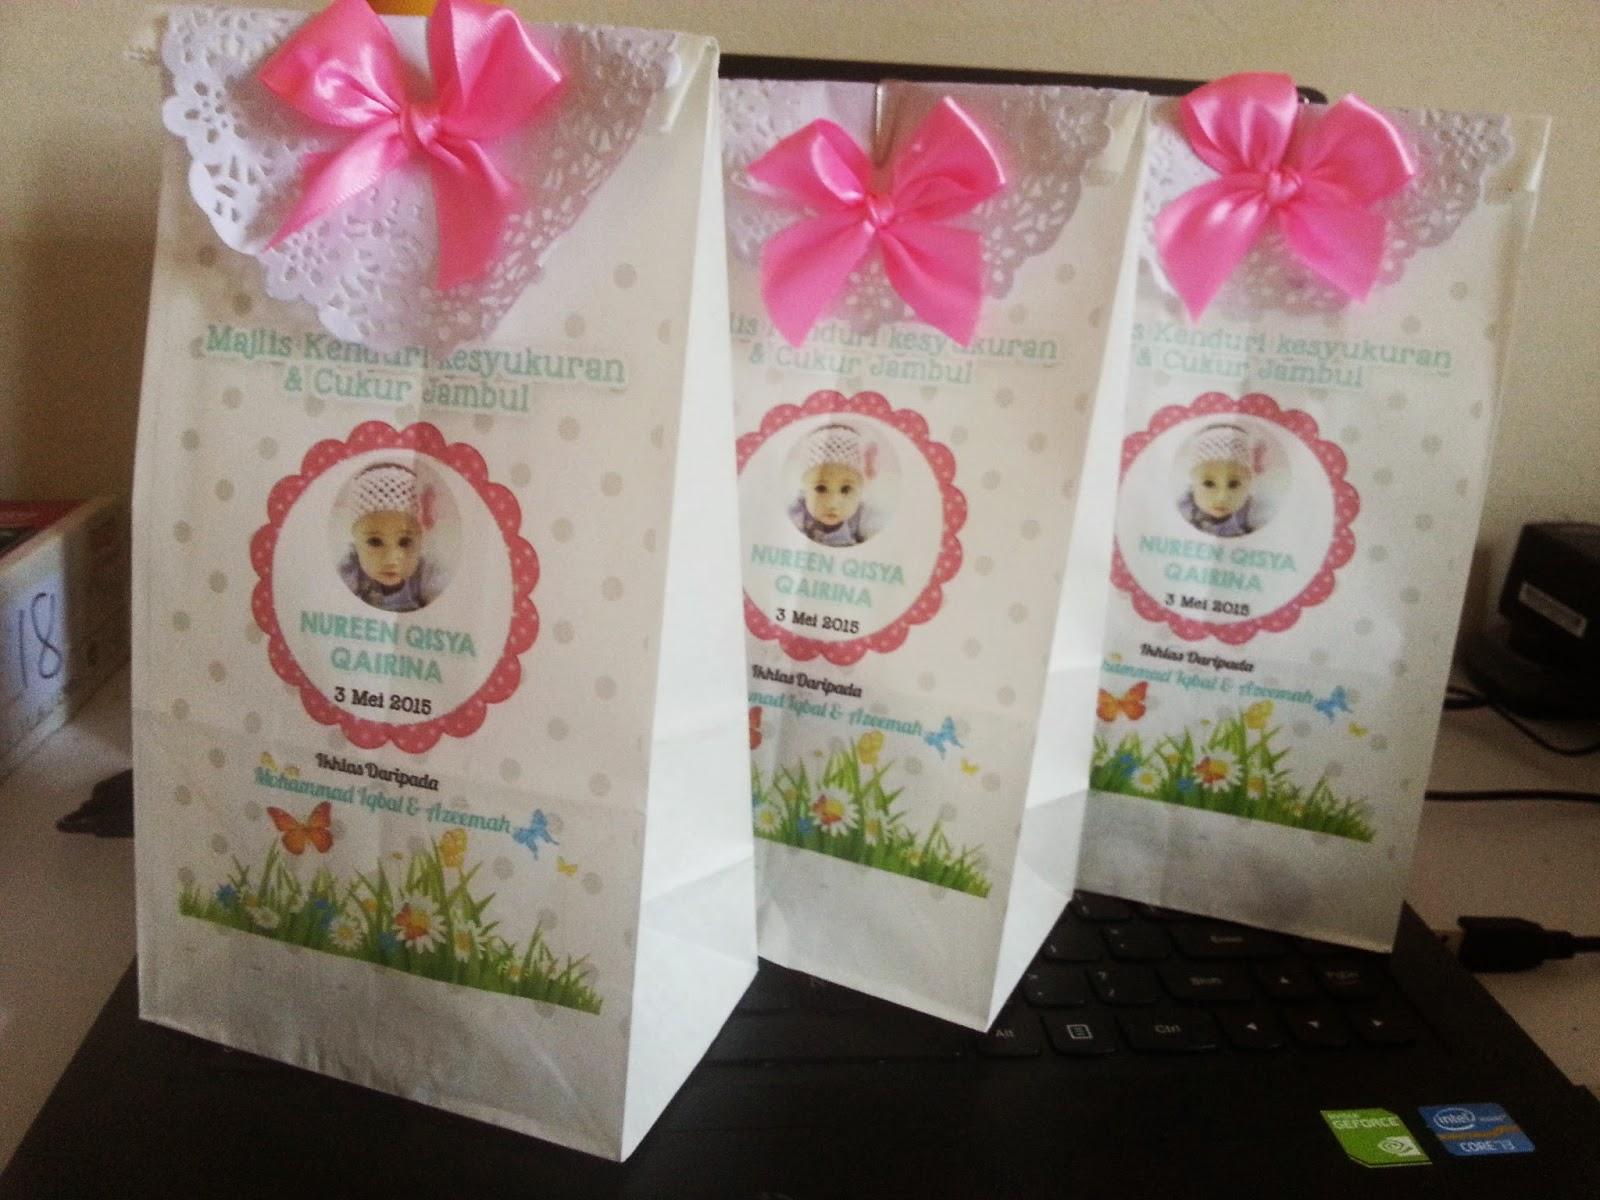 printed paper bag cukur jambul